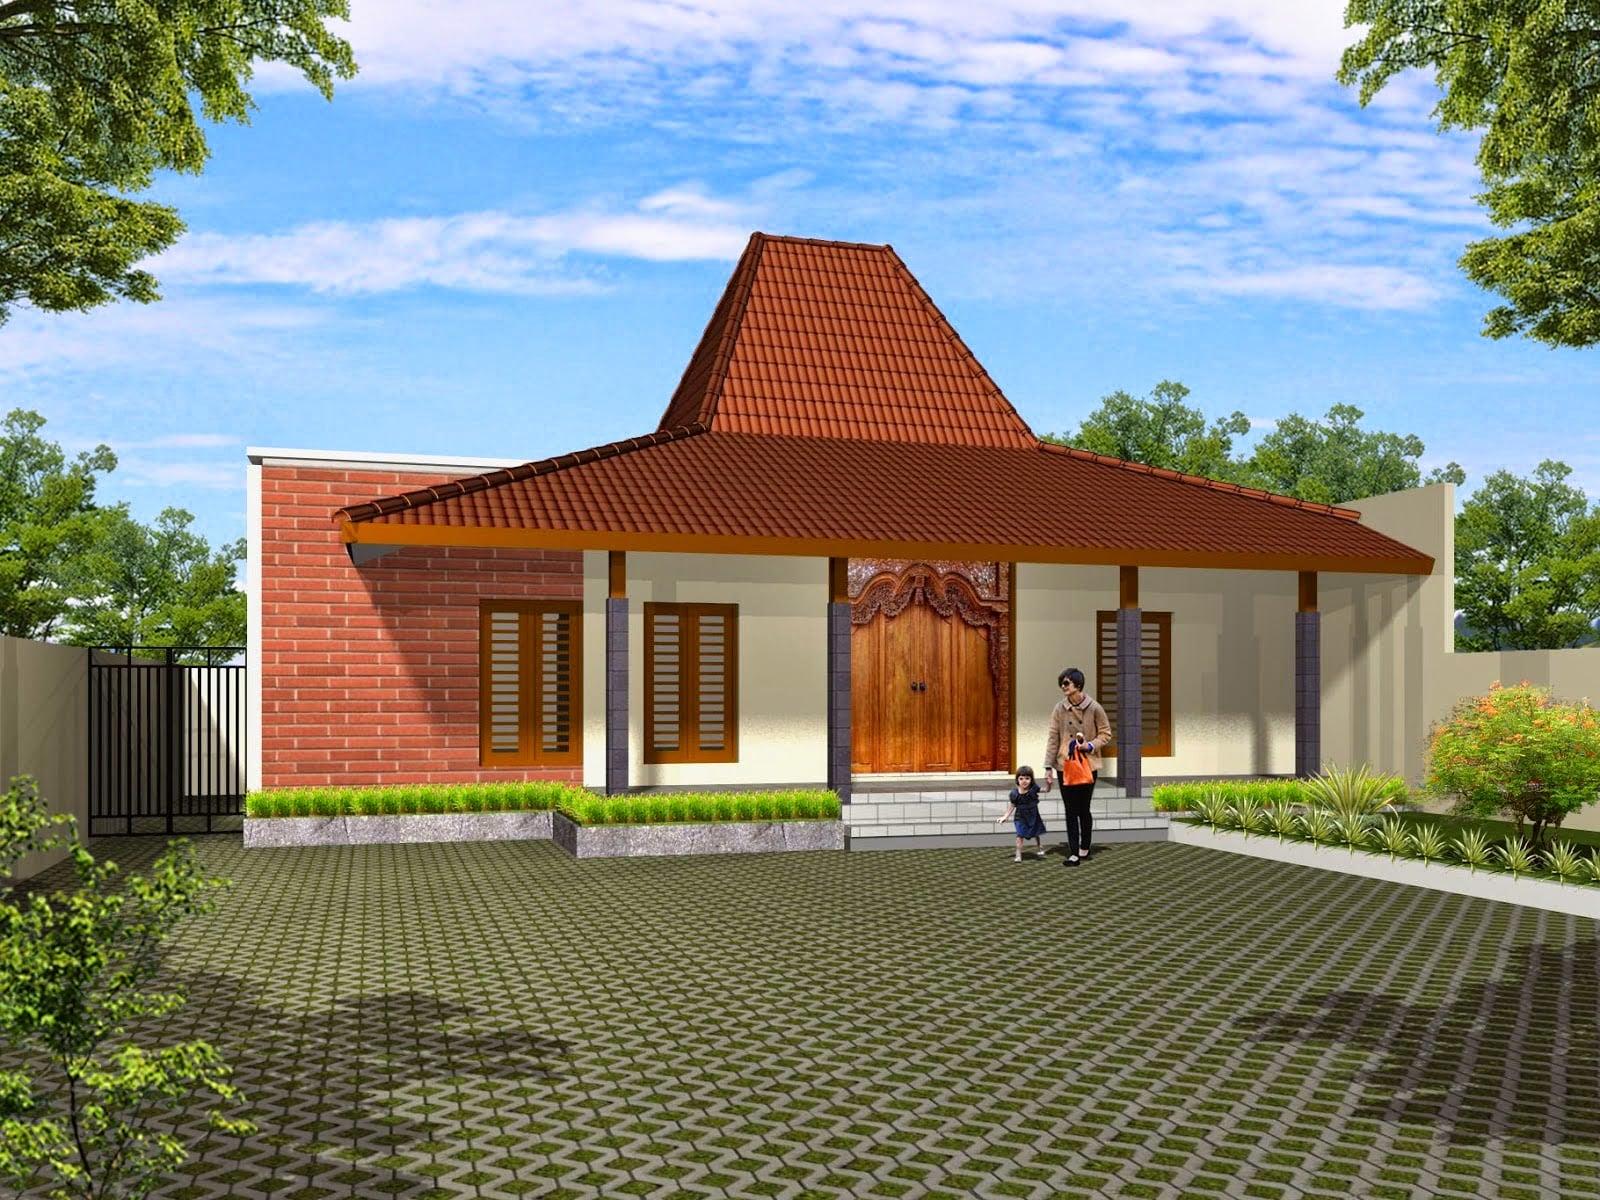 40 Arsitektur Desain Rumah Mewah Yang Ditinggalkan Di Indonesia Terpopuler Yang Harus Kamu Tahu